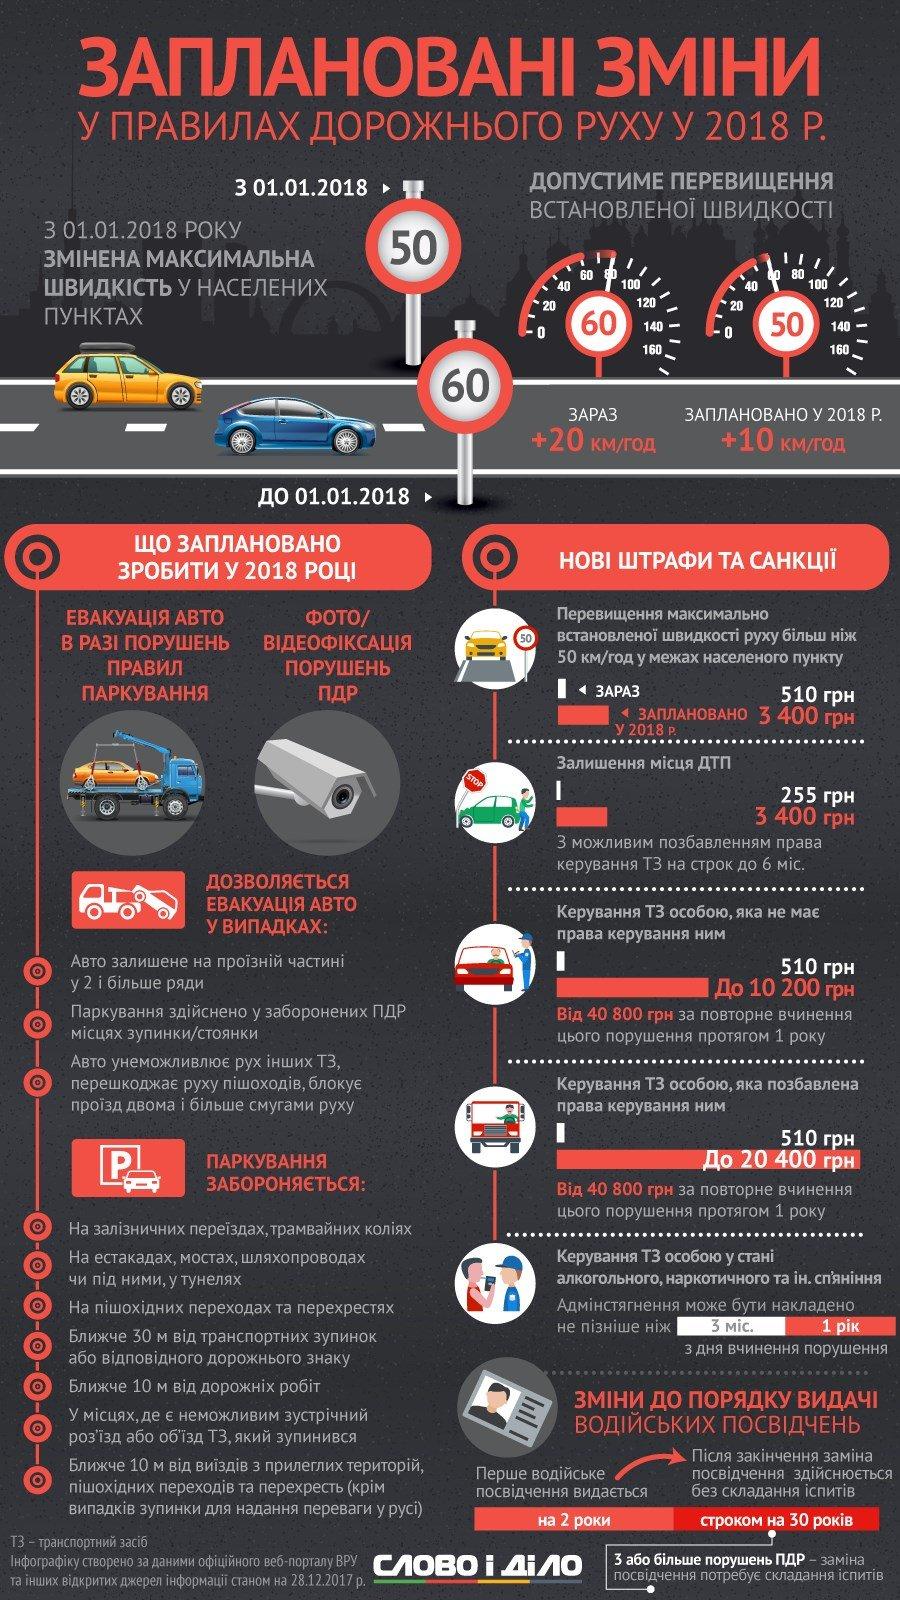 Обмеження та нові штрафи: як з 1 січня змінилося життя водіїв, фото-1